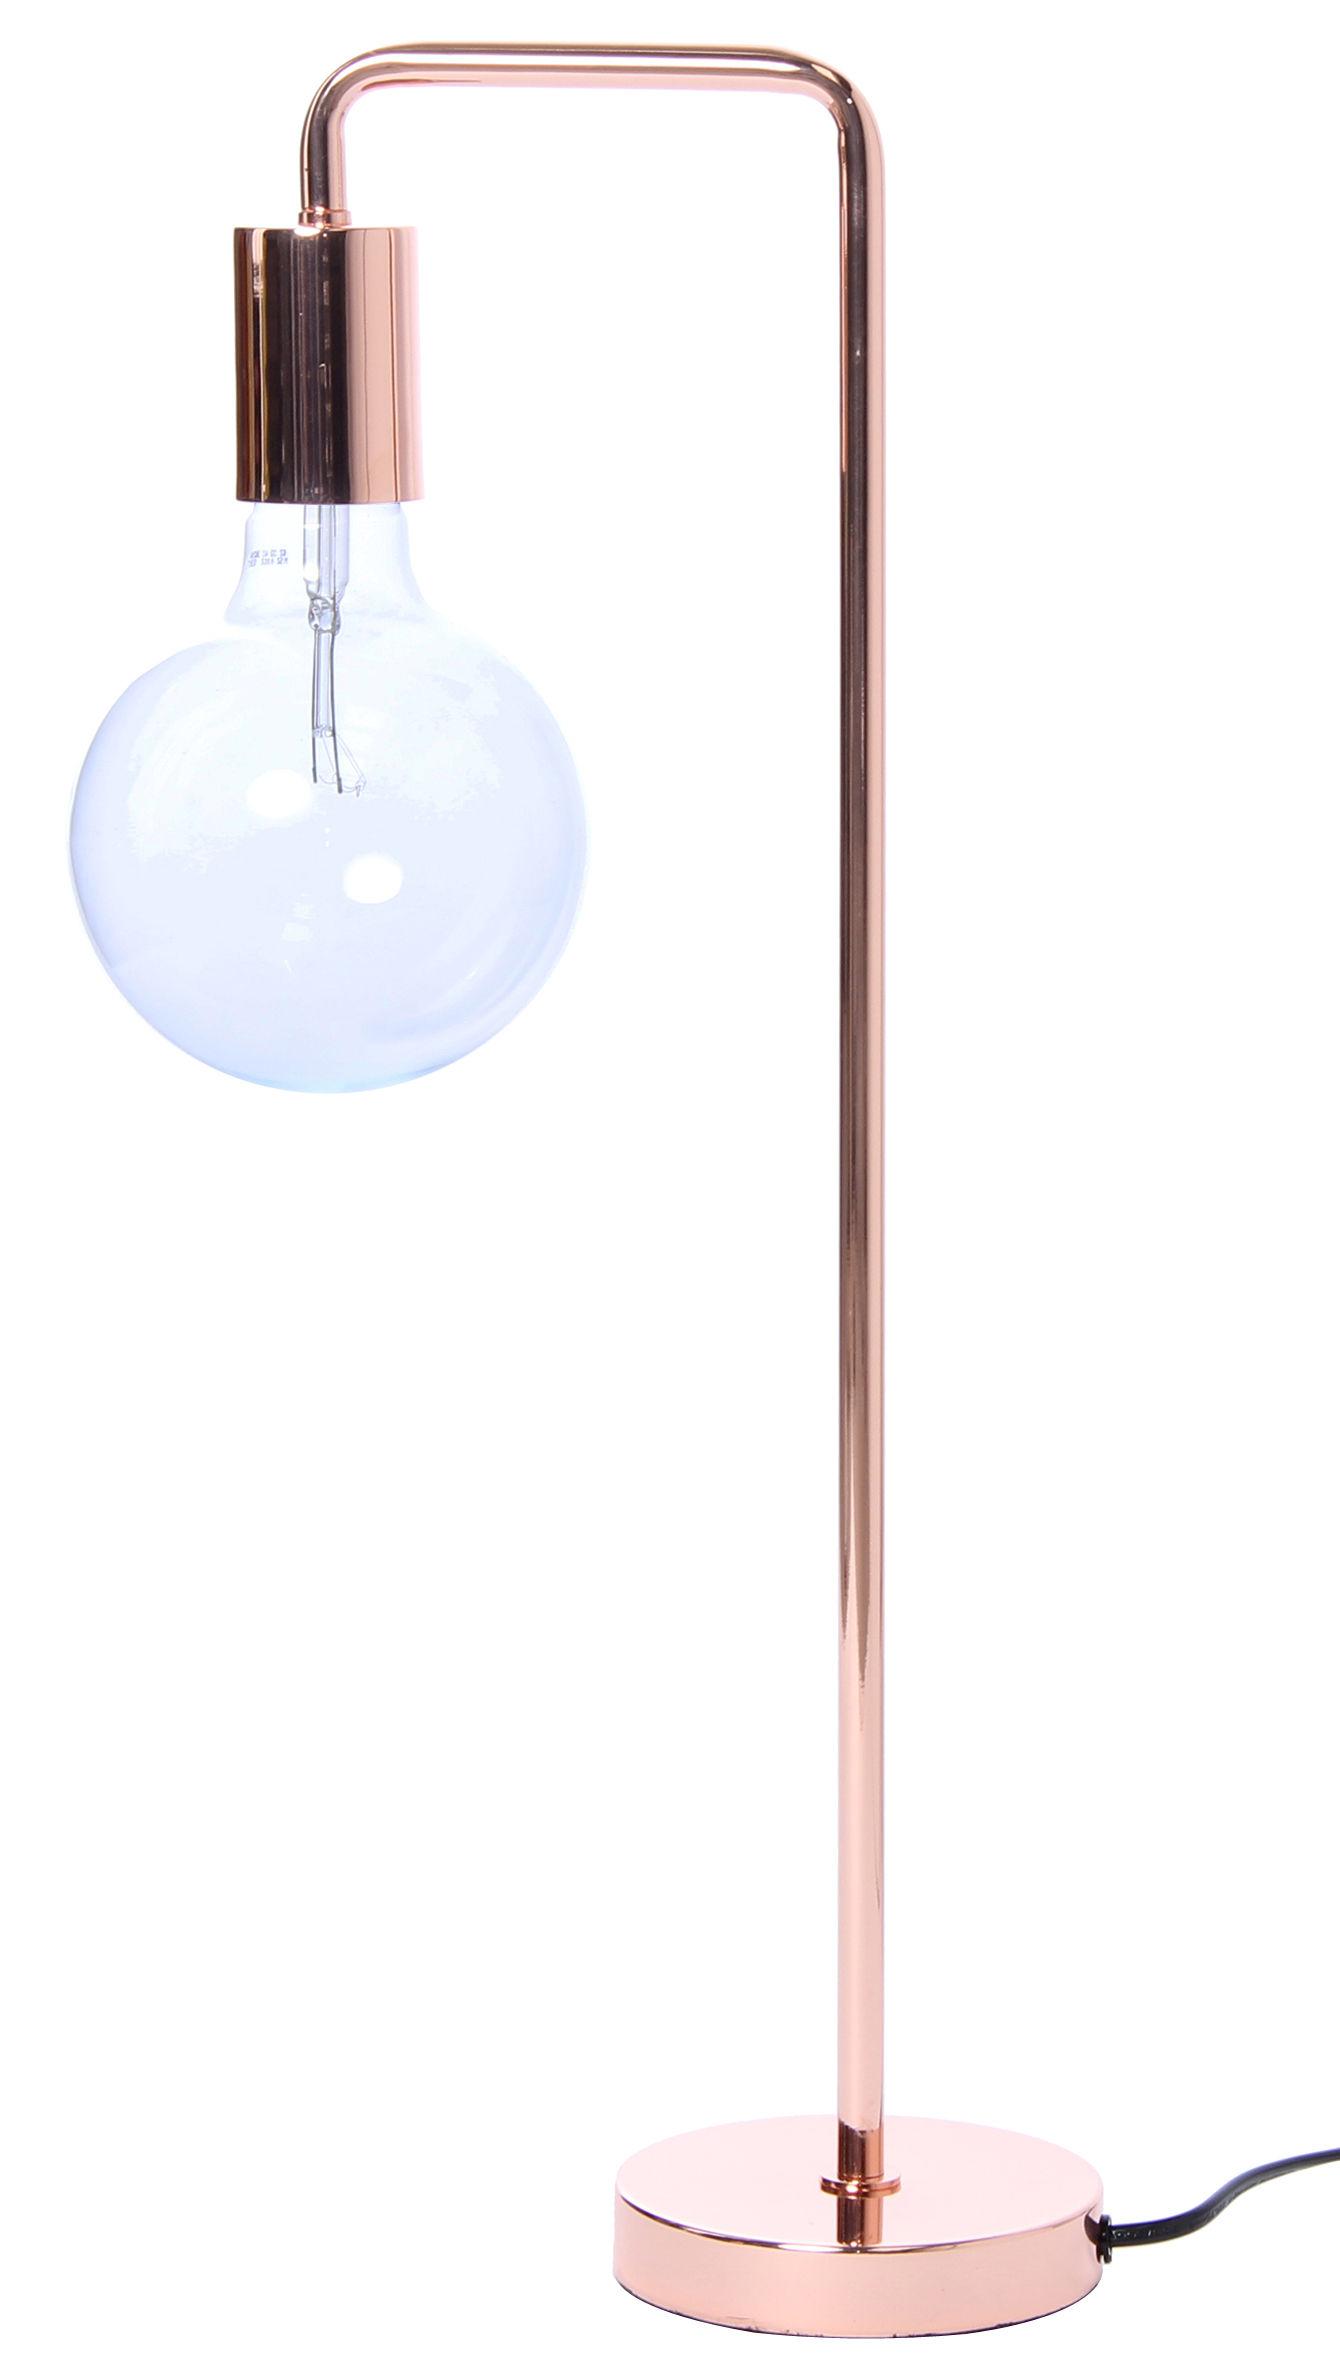 Luminaire - Lampes de table - Lampe de table Cool / H 55 cm - Frandsen - Cuivre - Métal finition cuivre